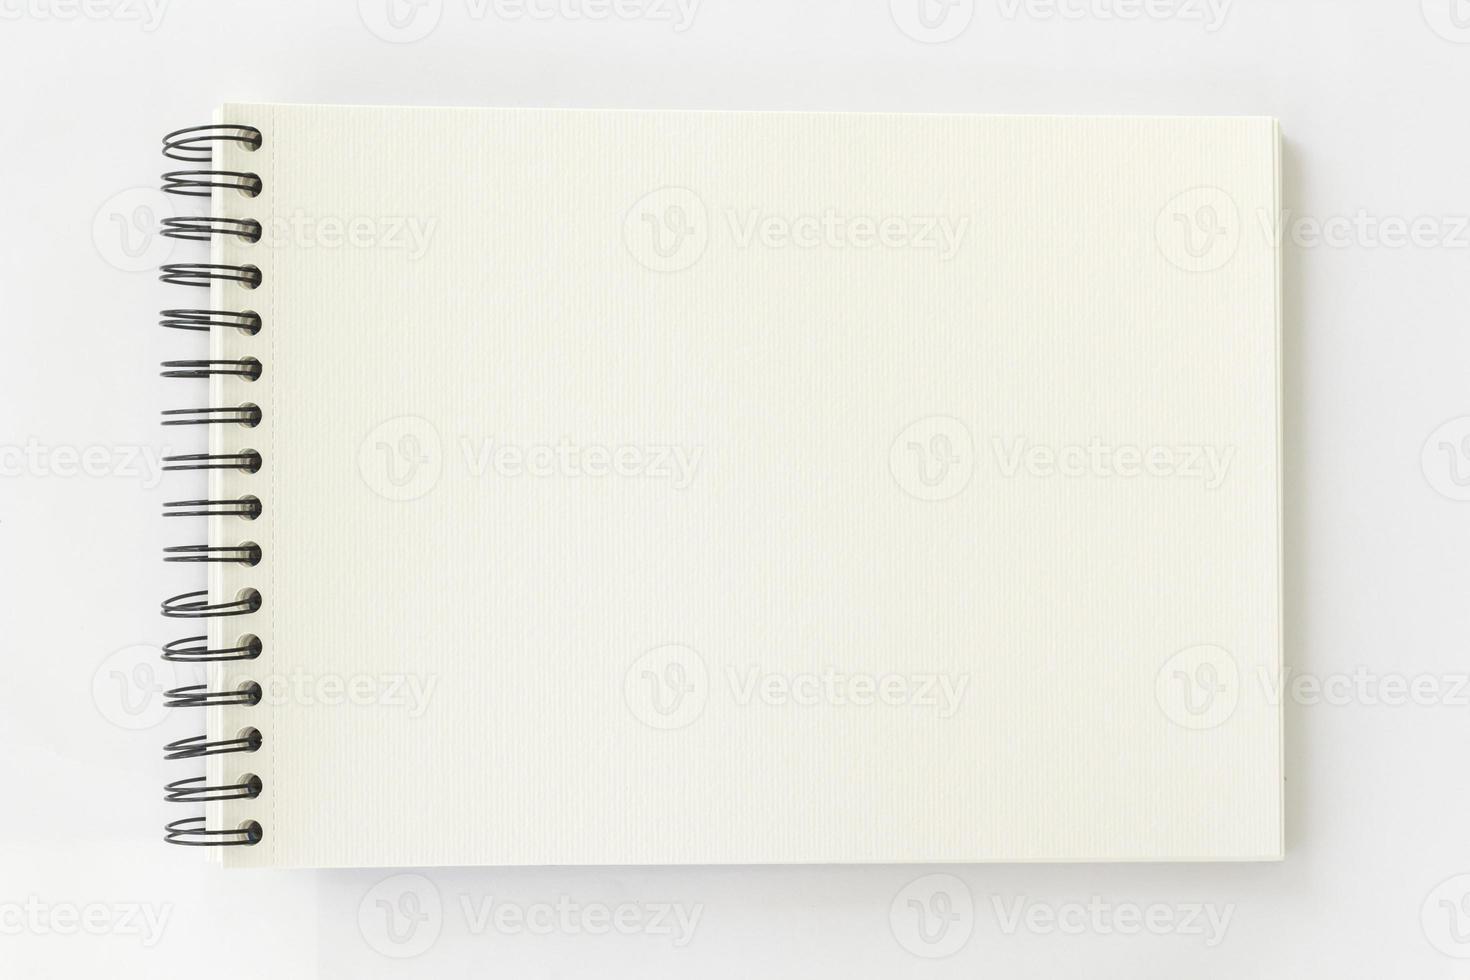 libro dell'acquerello a spirale su sfondo bianco foto